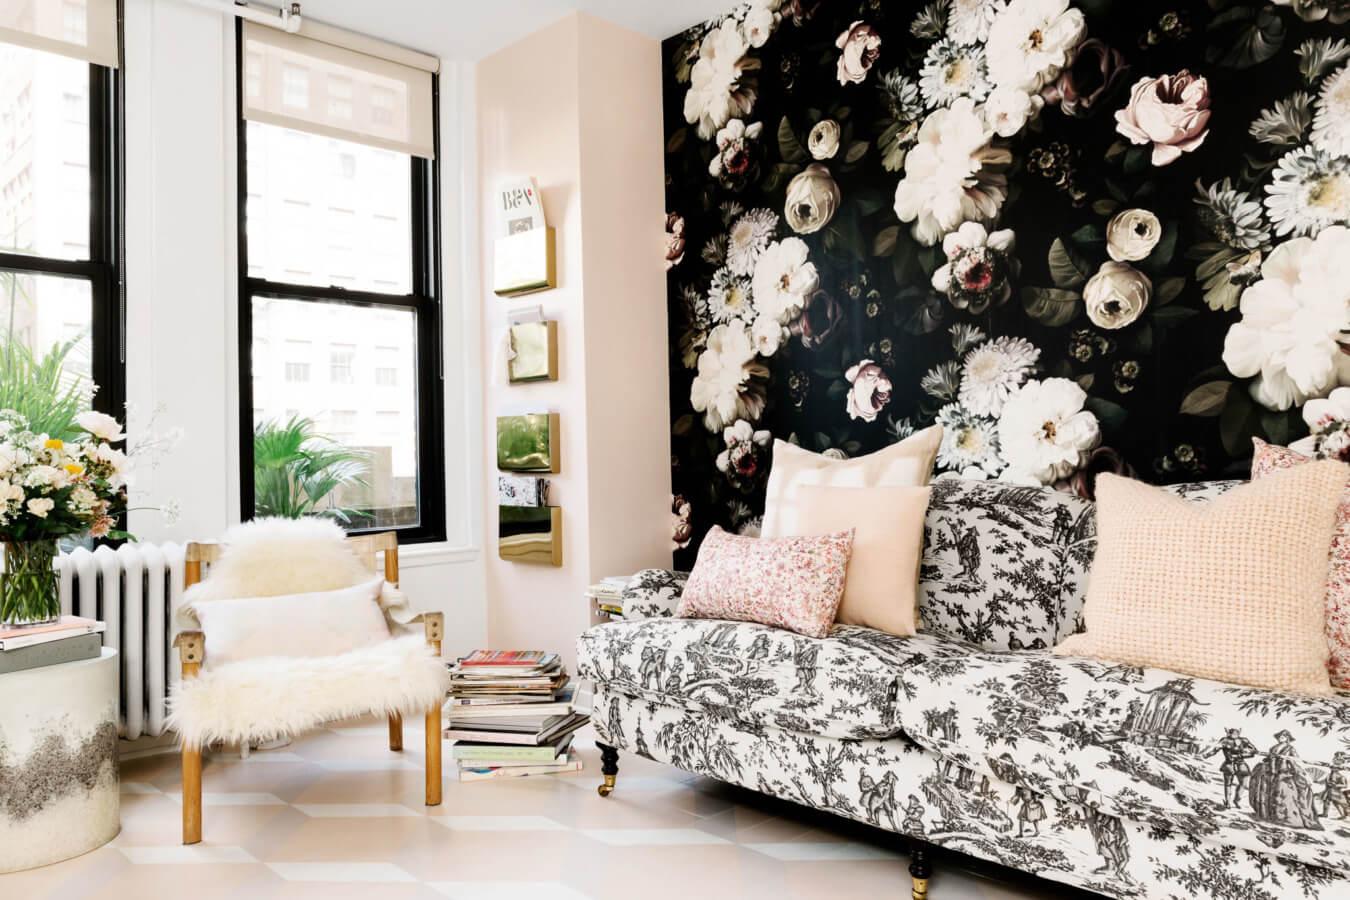 Homepolish-interior-design-8c66d-1350x900